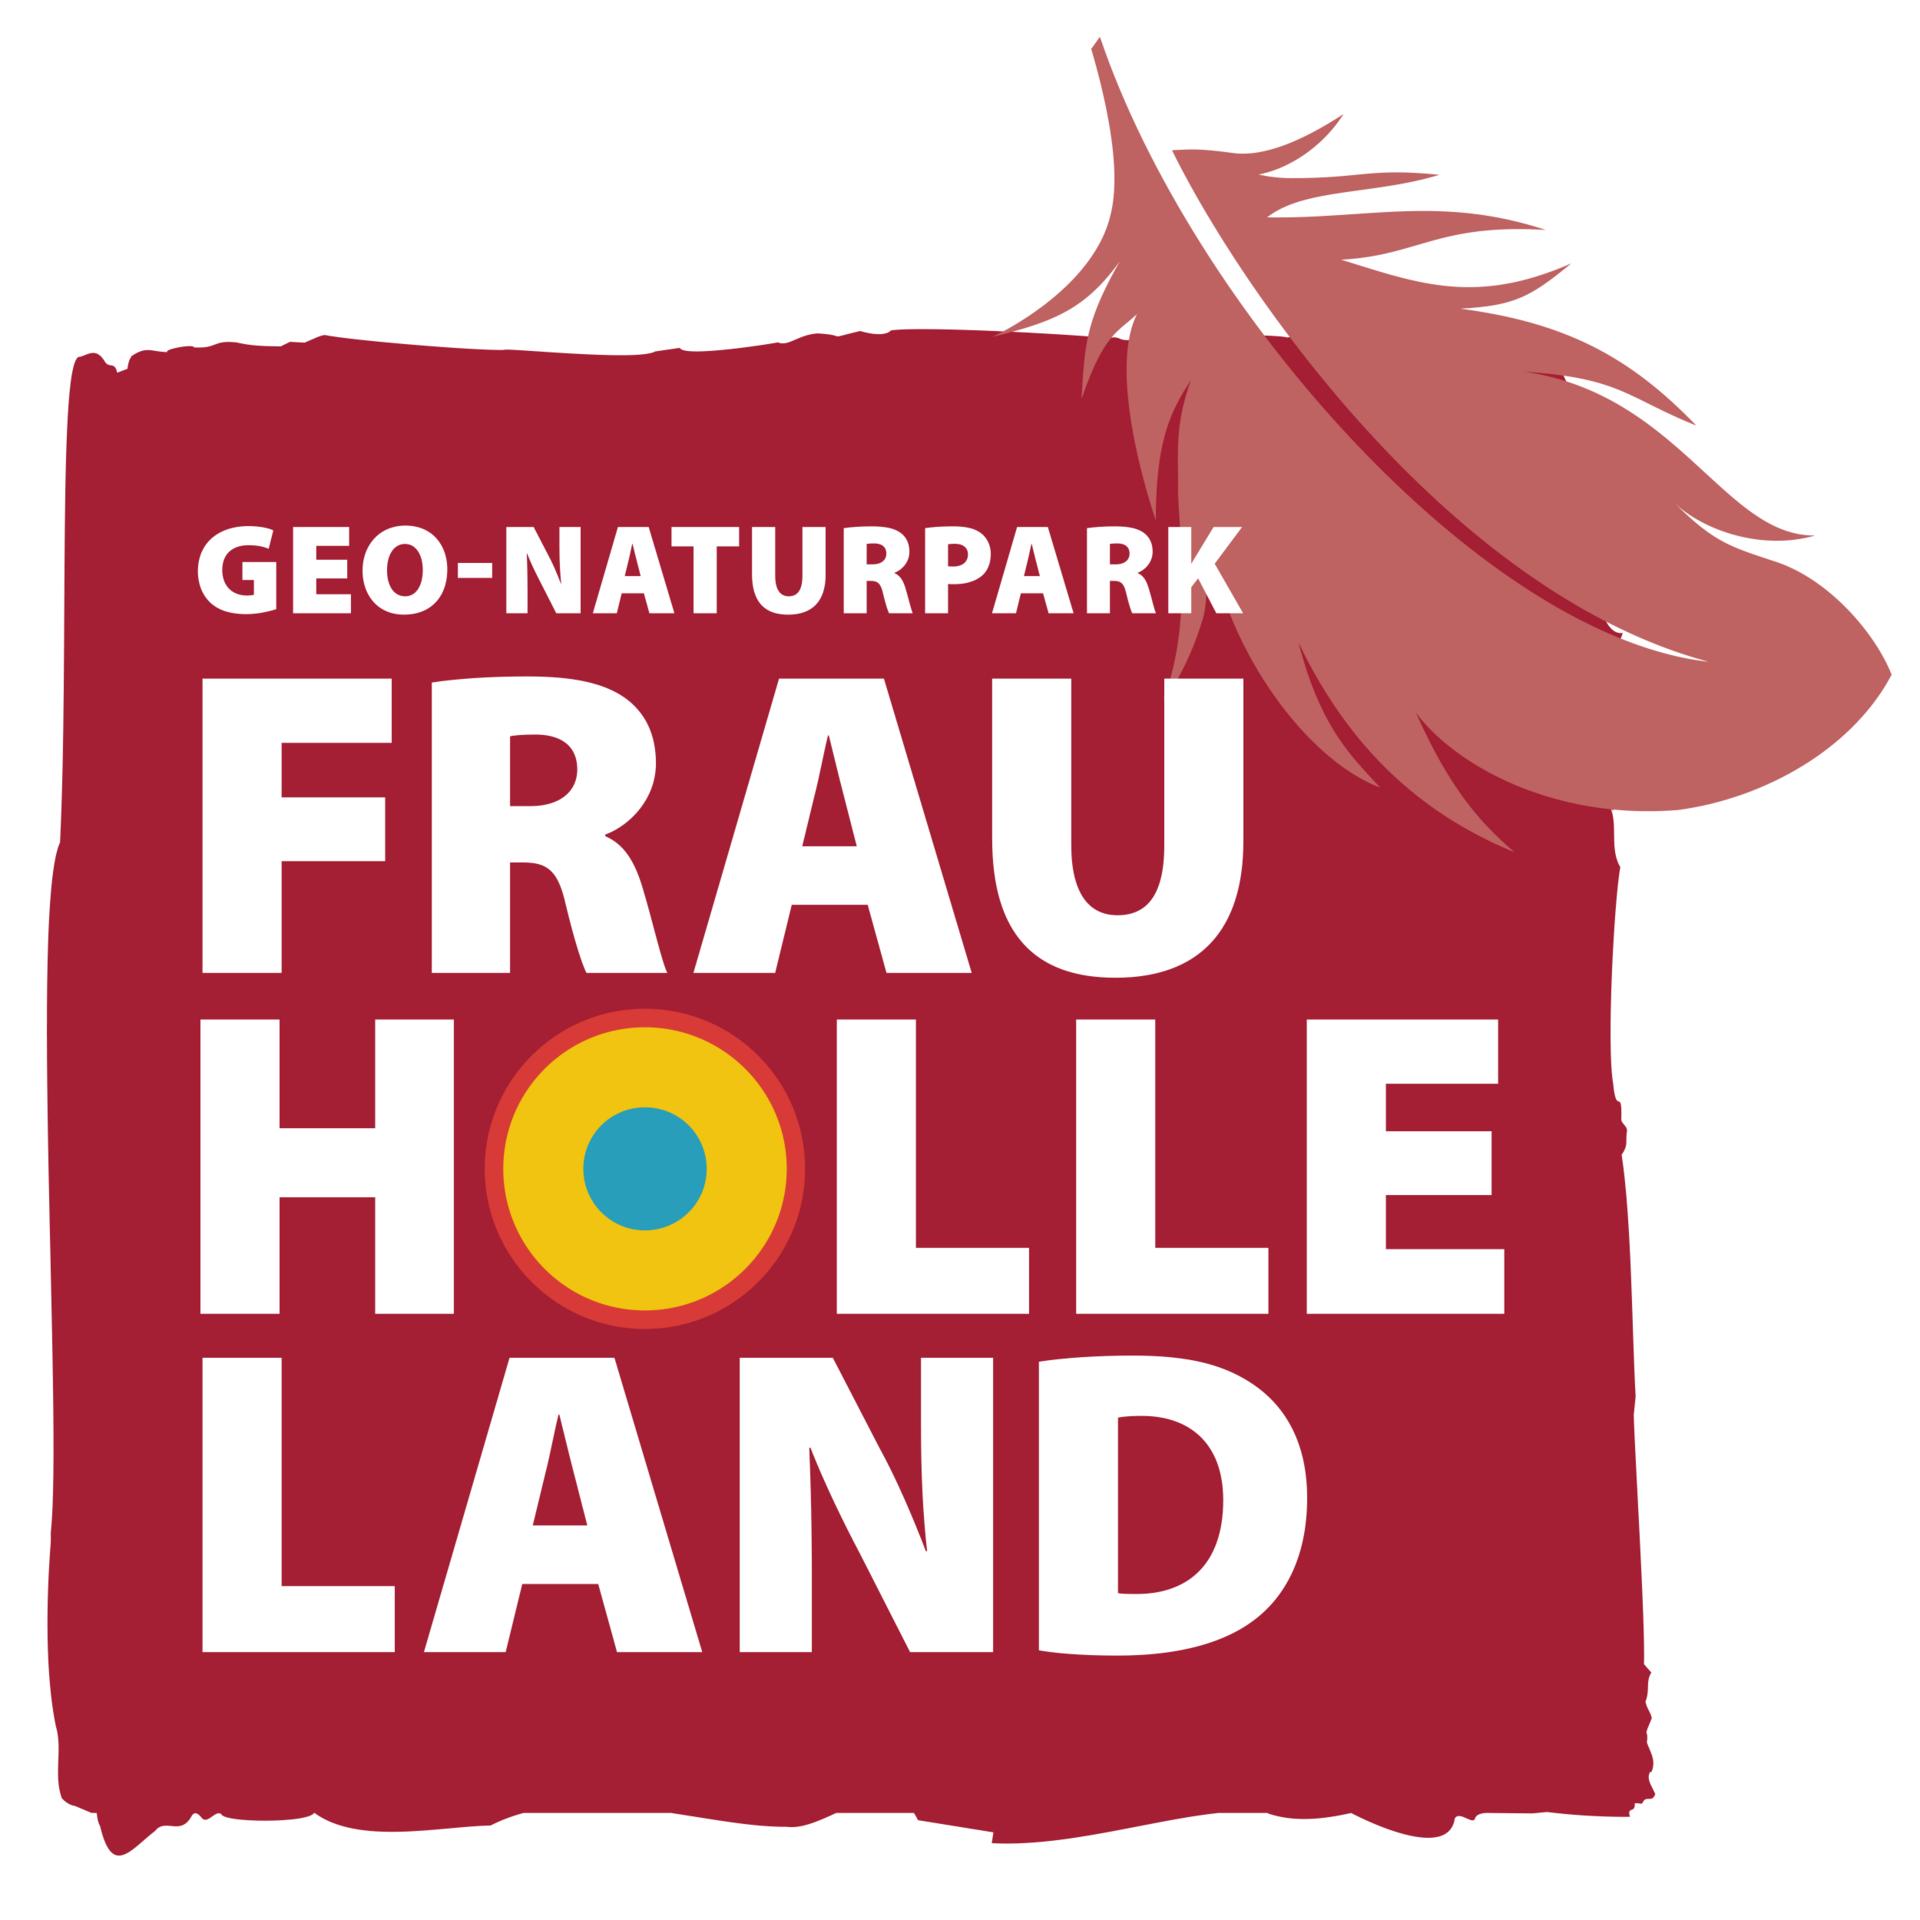 Geonaturpark Frau-Holle-Land